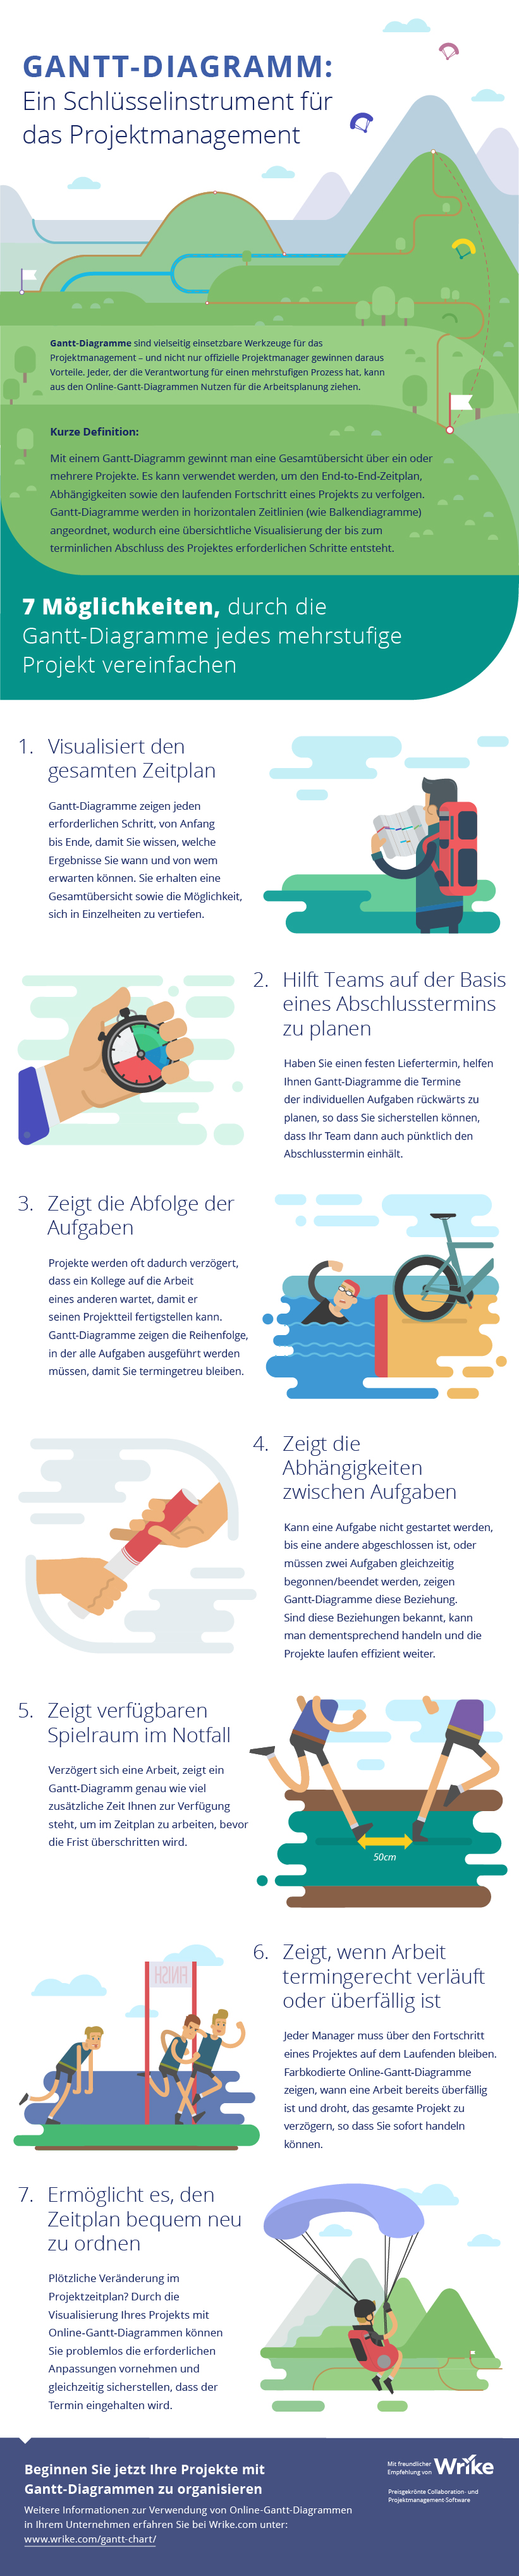 Digitale Gantt-Diagramme: Ein Schlüsselinstrument im Projektmanagement (Infografik)